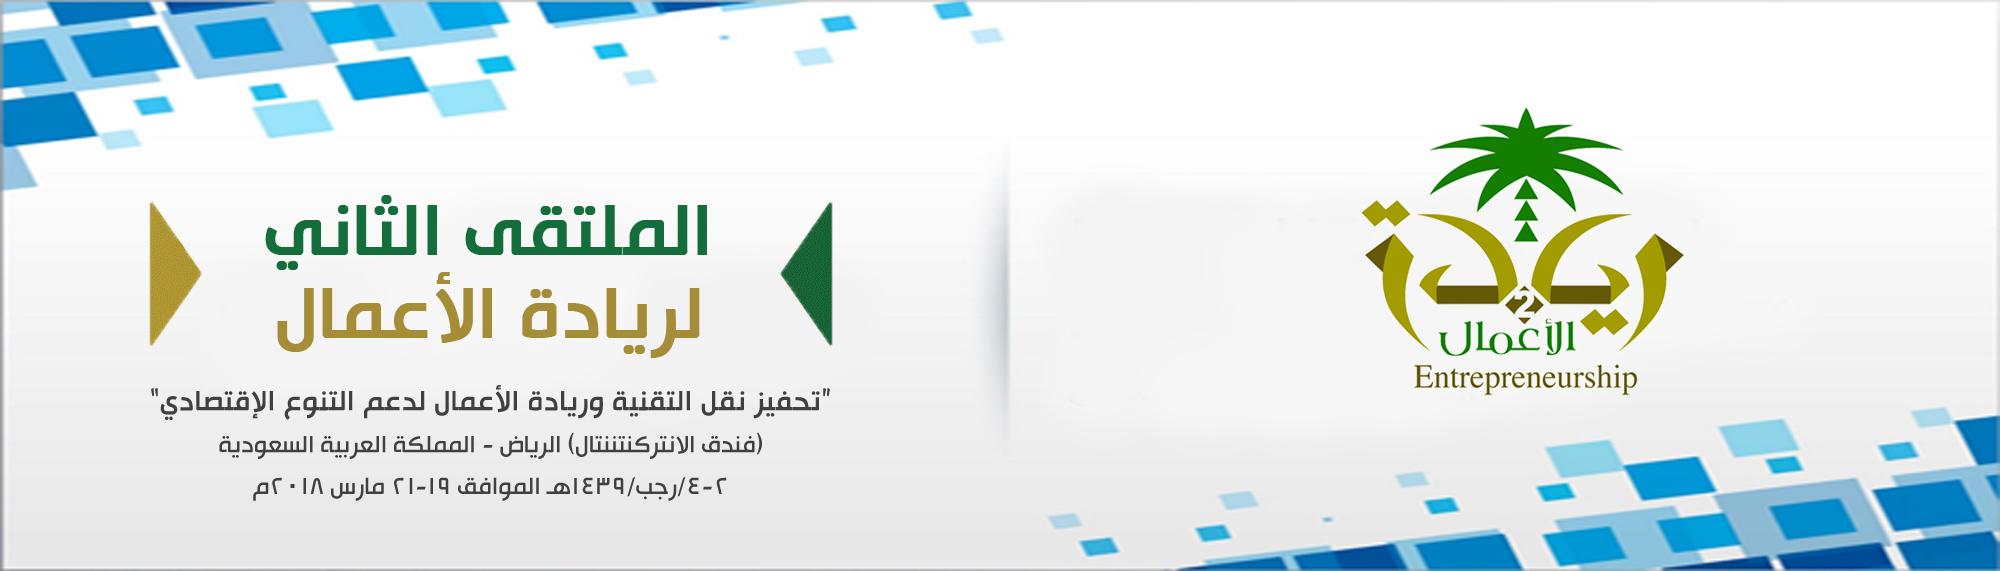 نادي رواد الأعمال - انضم الى نادي رواد الأعمال